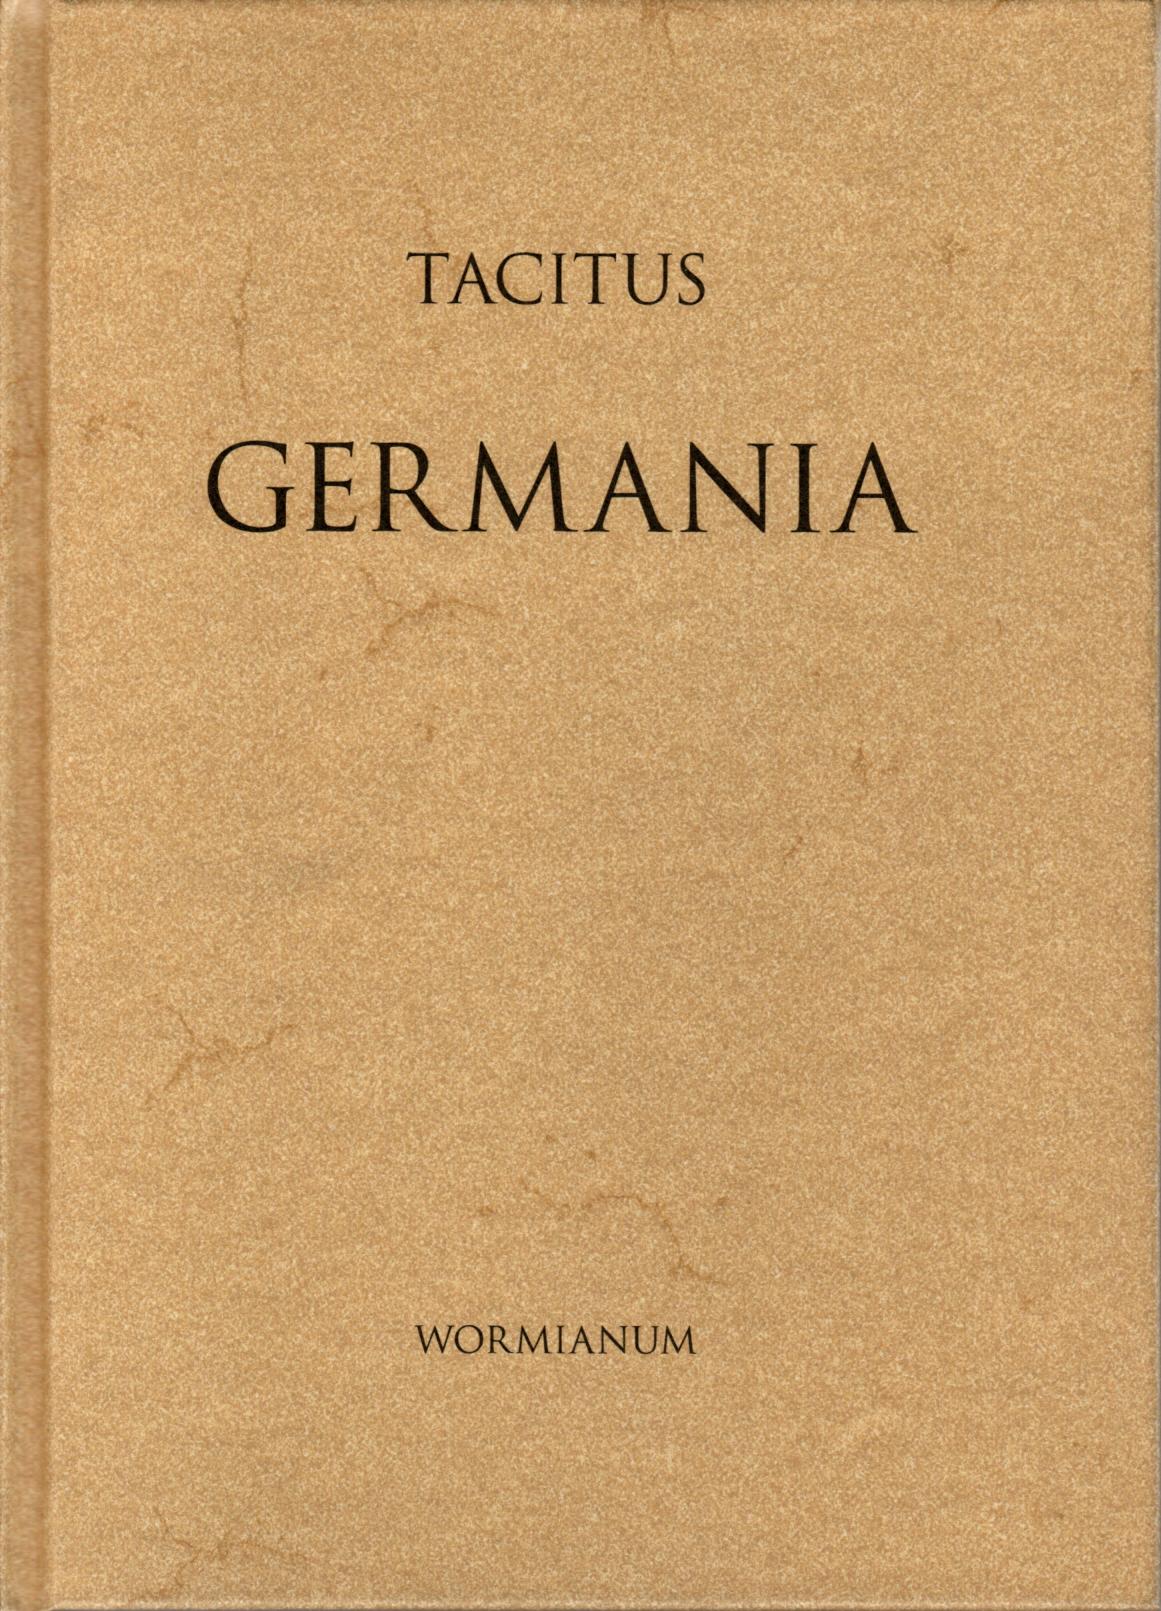 Tacitus' Germania.